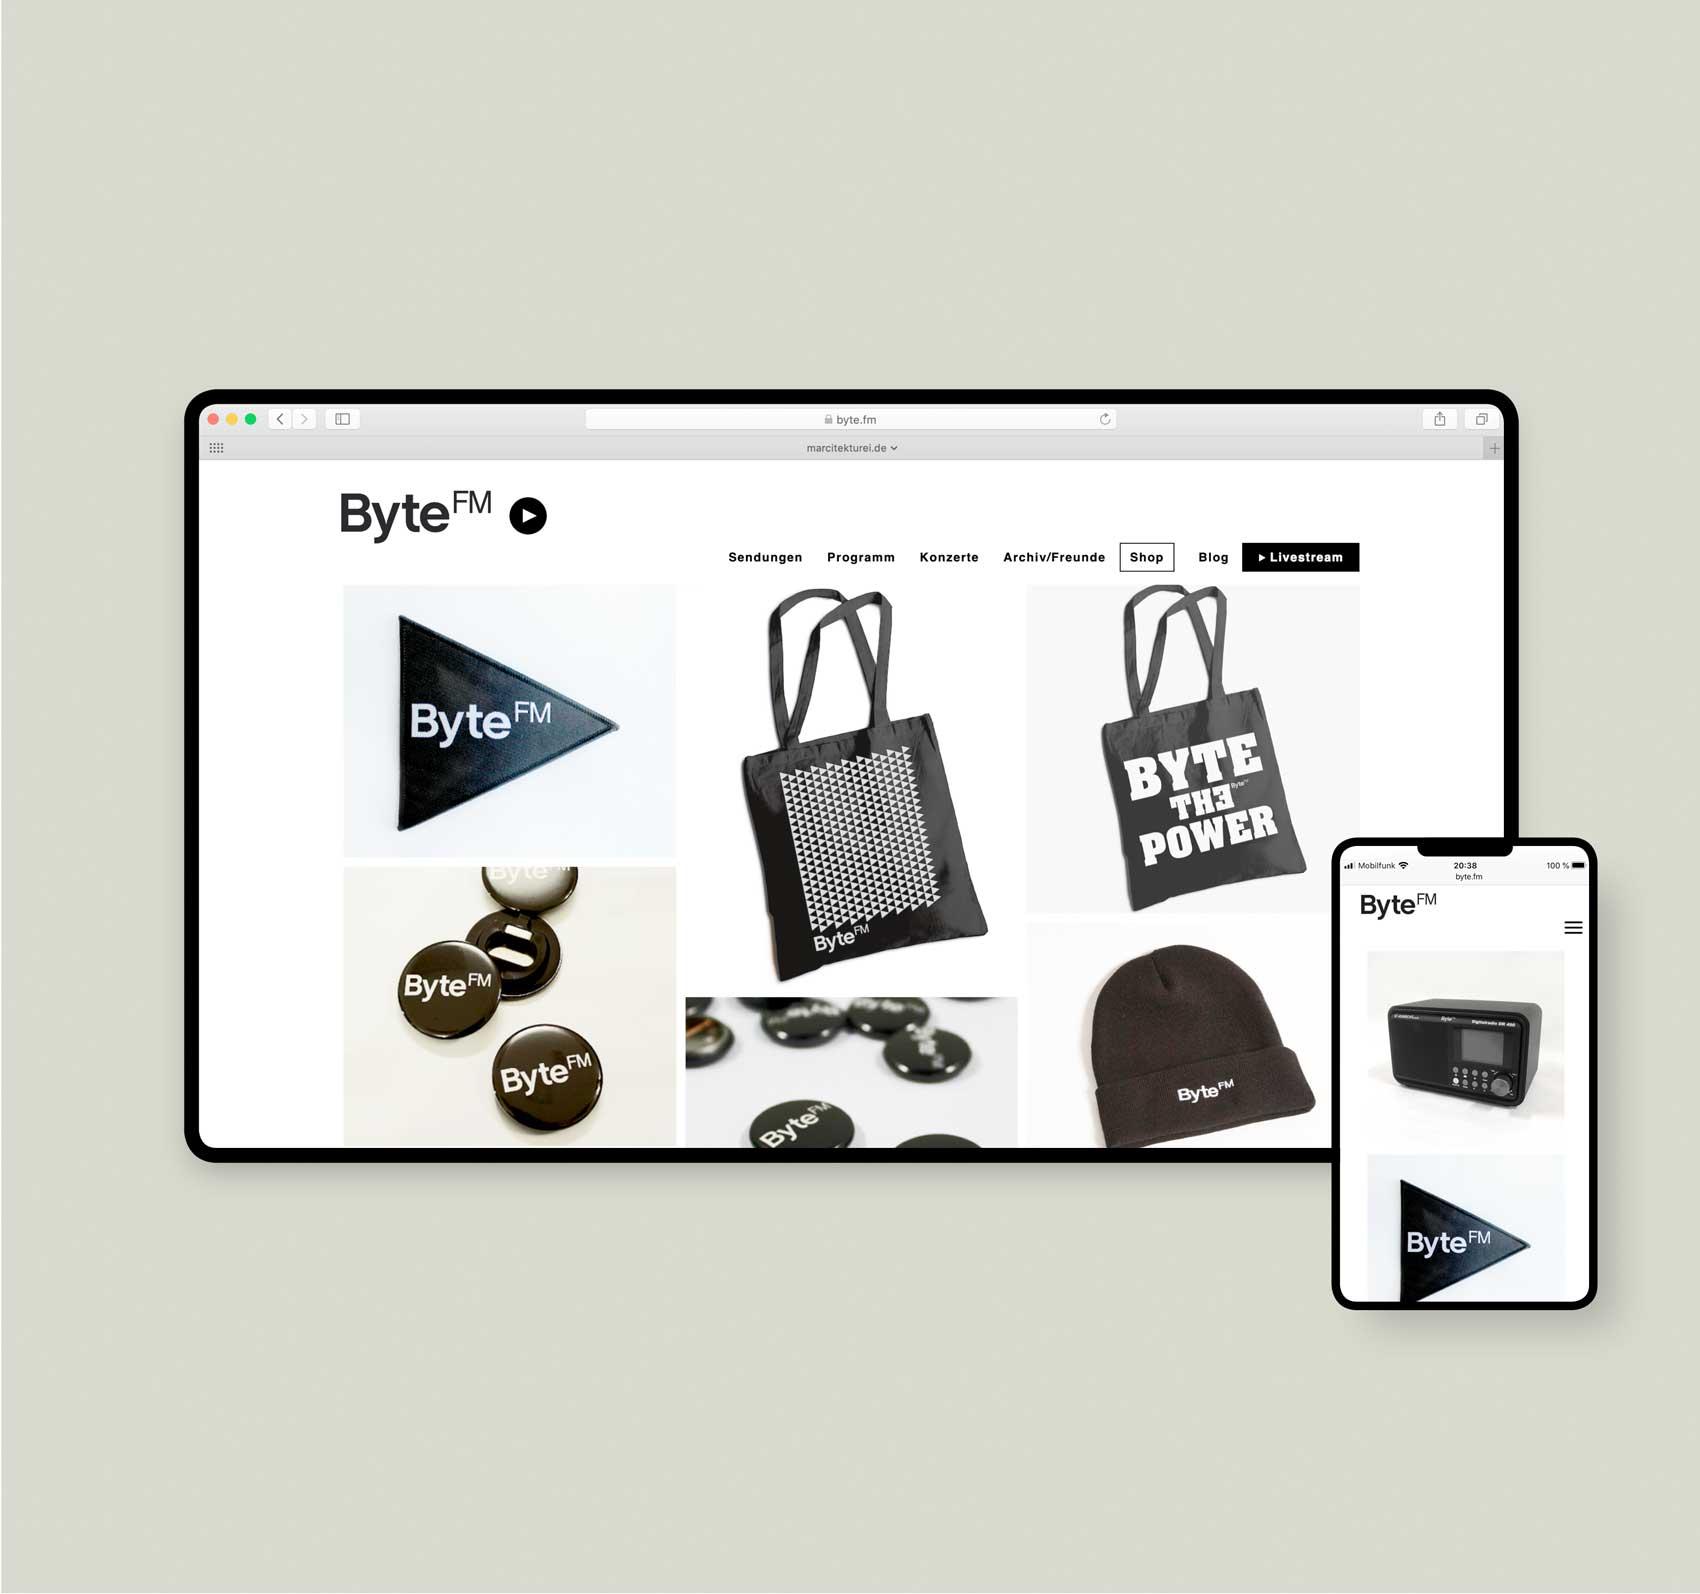 byte.fm/shop